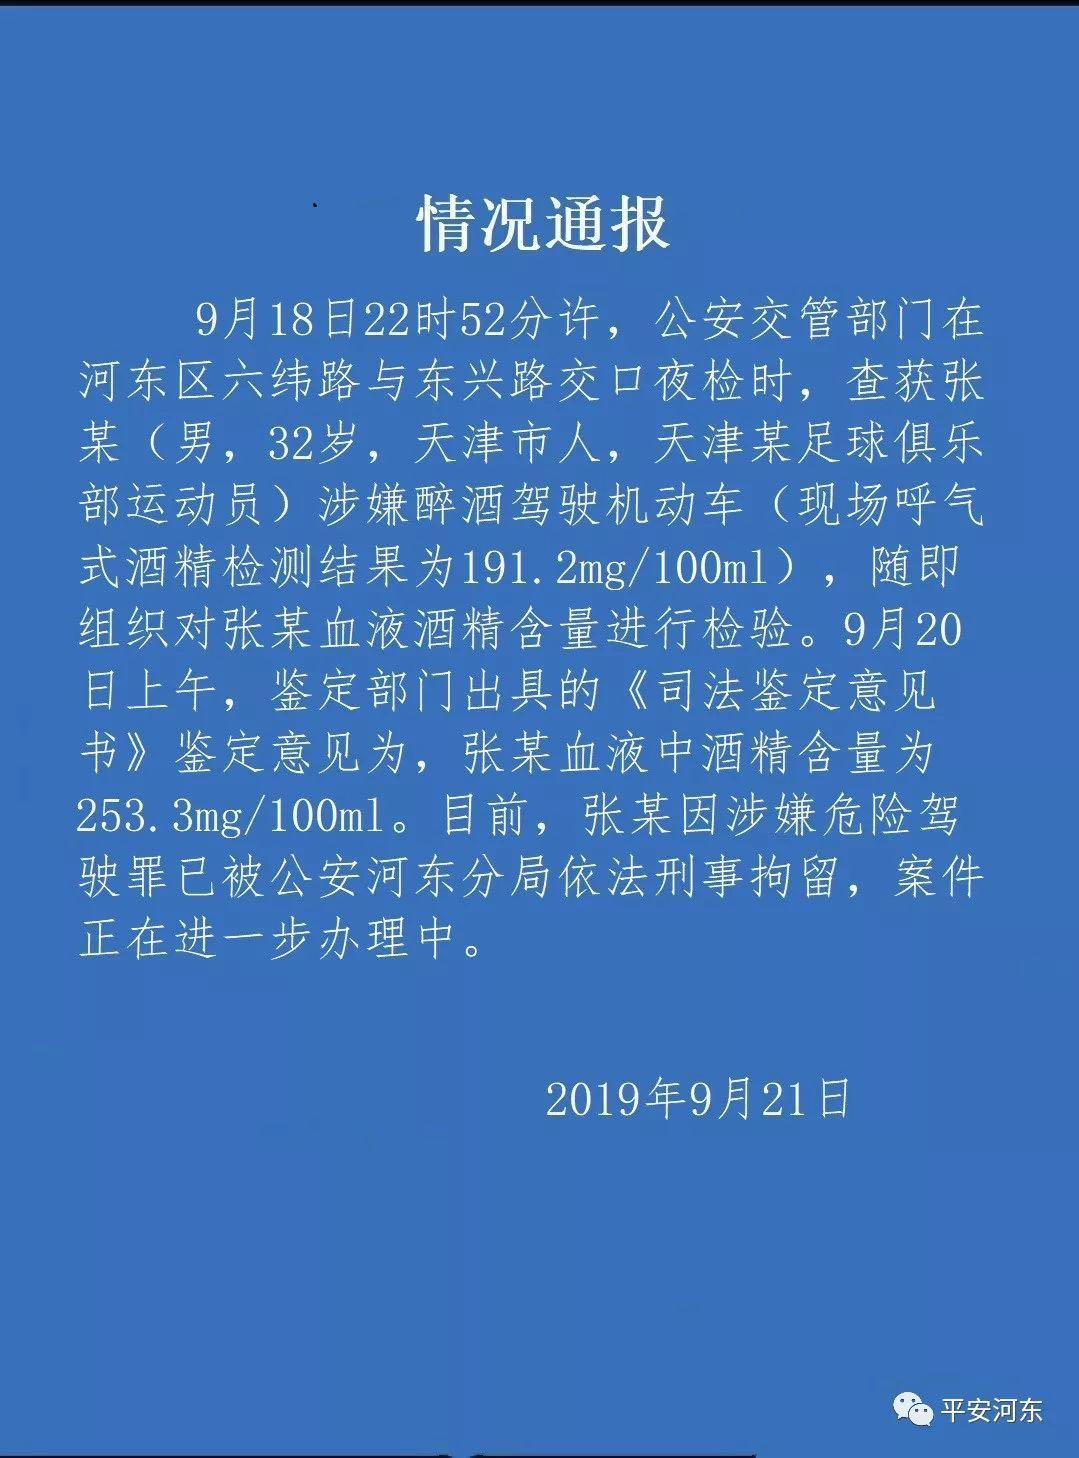 """长安剑:开学日 香港学生最该上的""""第一课""""是什么?"""